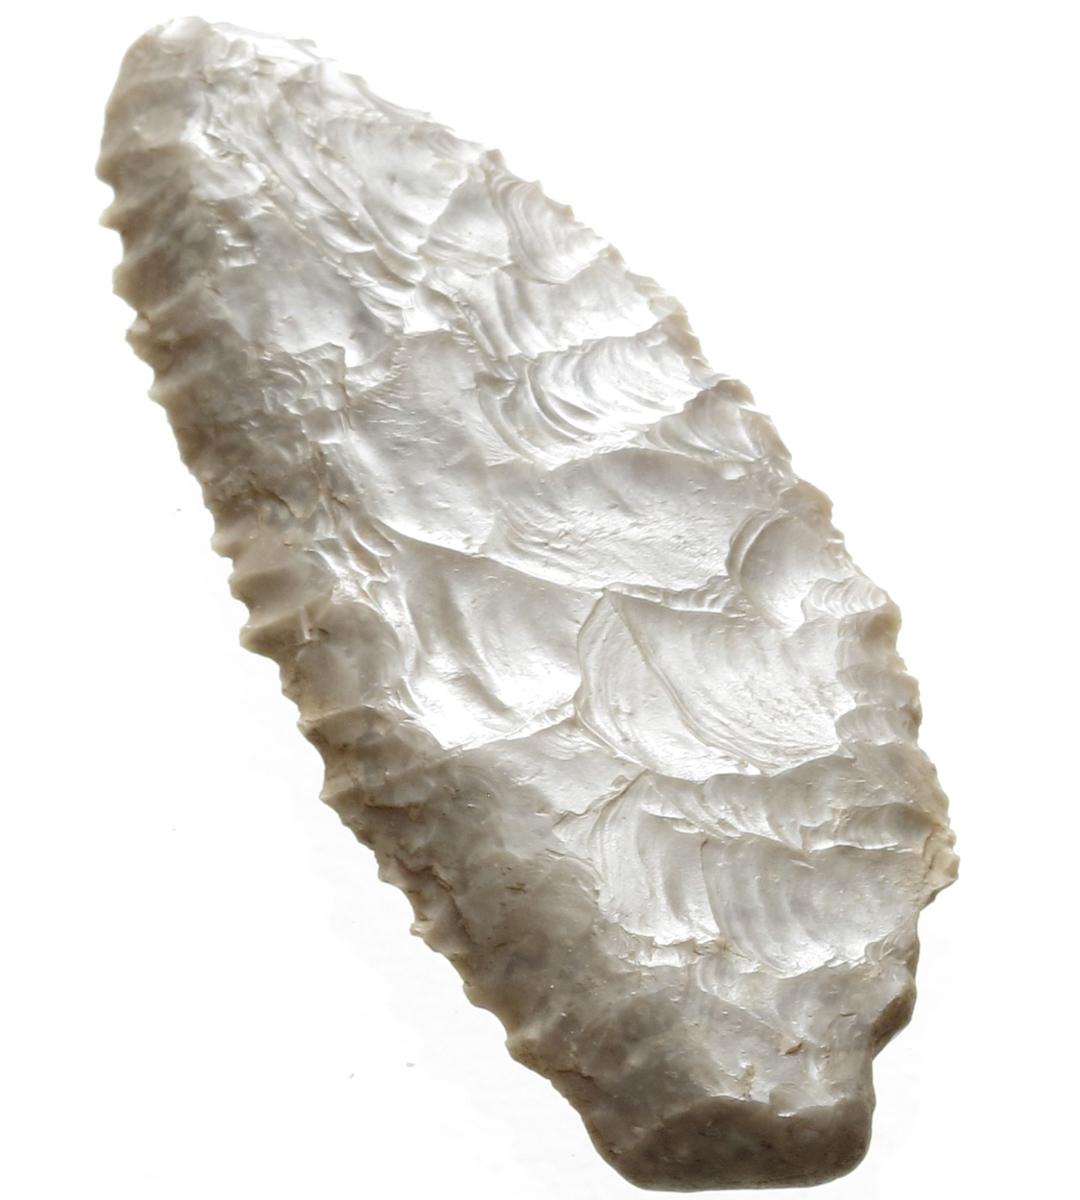 Sigd av lys grå flint. Nærmest som l.c. fig.232, men avviker fra typeeksemplaret ved at den er kortere i forhold til høyden. Sekundært har sigden vært anvendt som ildflint.